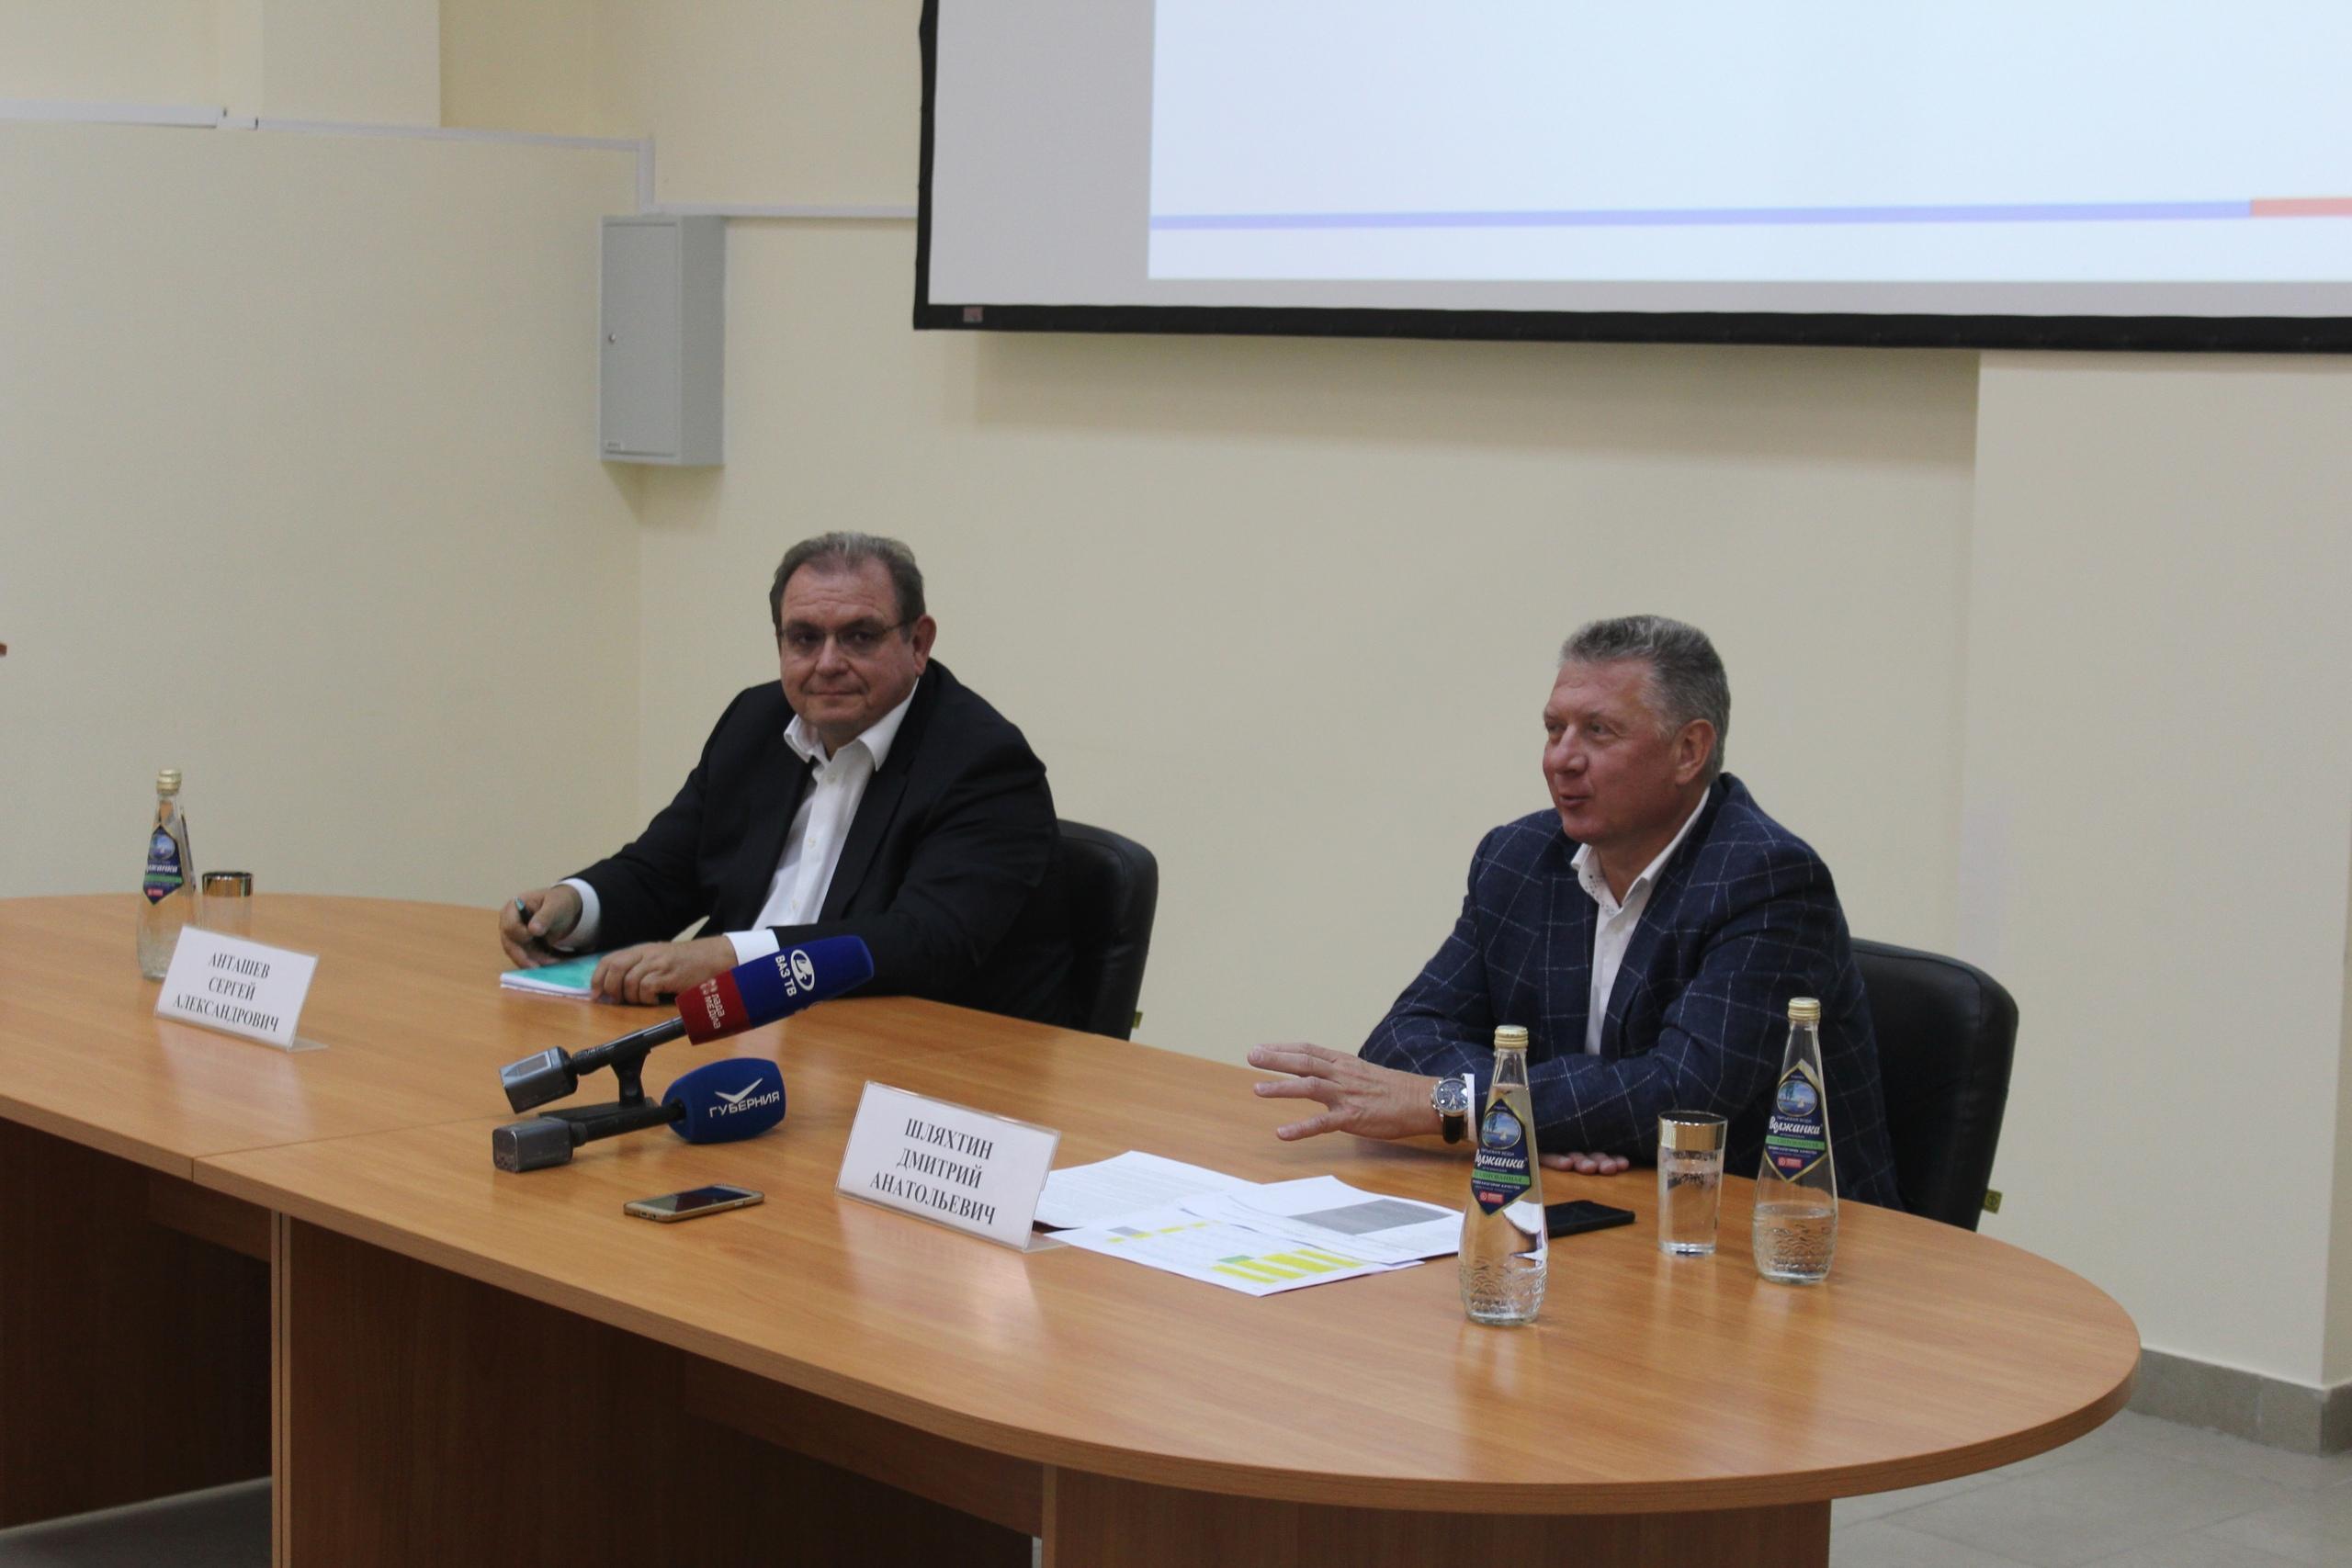 Министр Шляхтин: Тольятти выделяются самые большие инвестиции на физкультуру и спорт